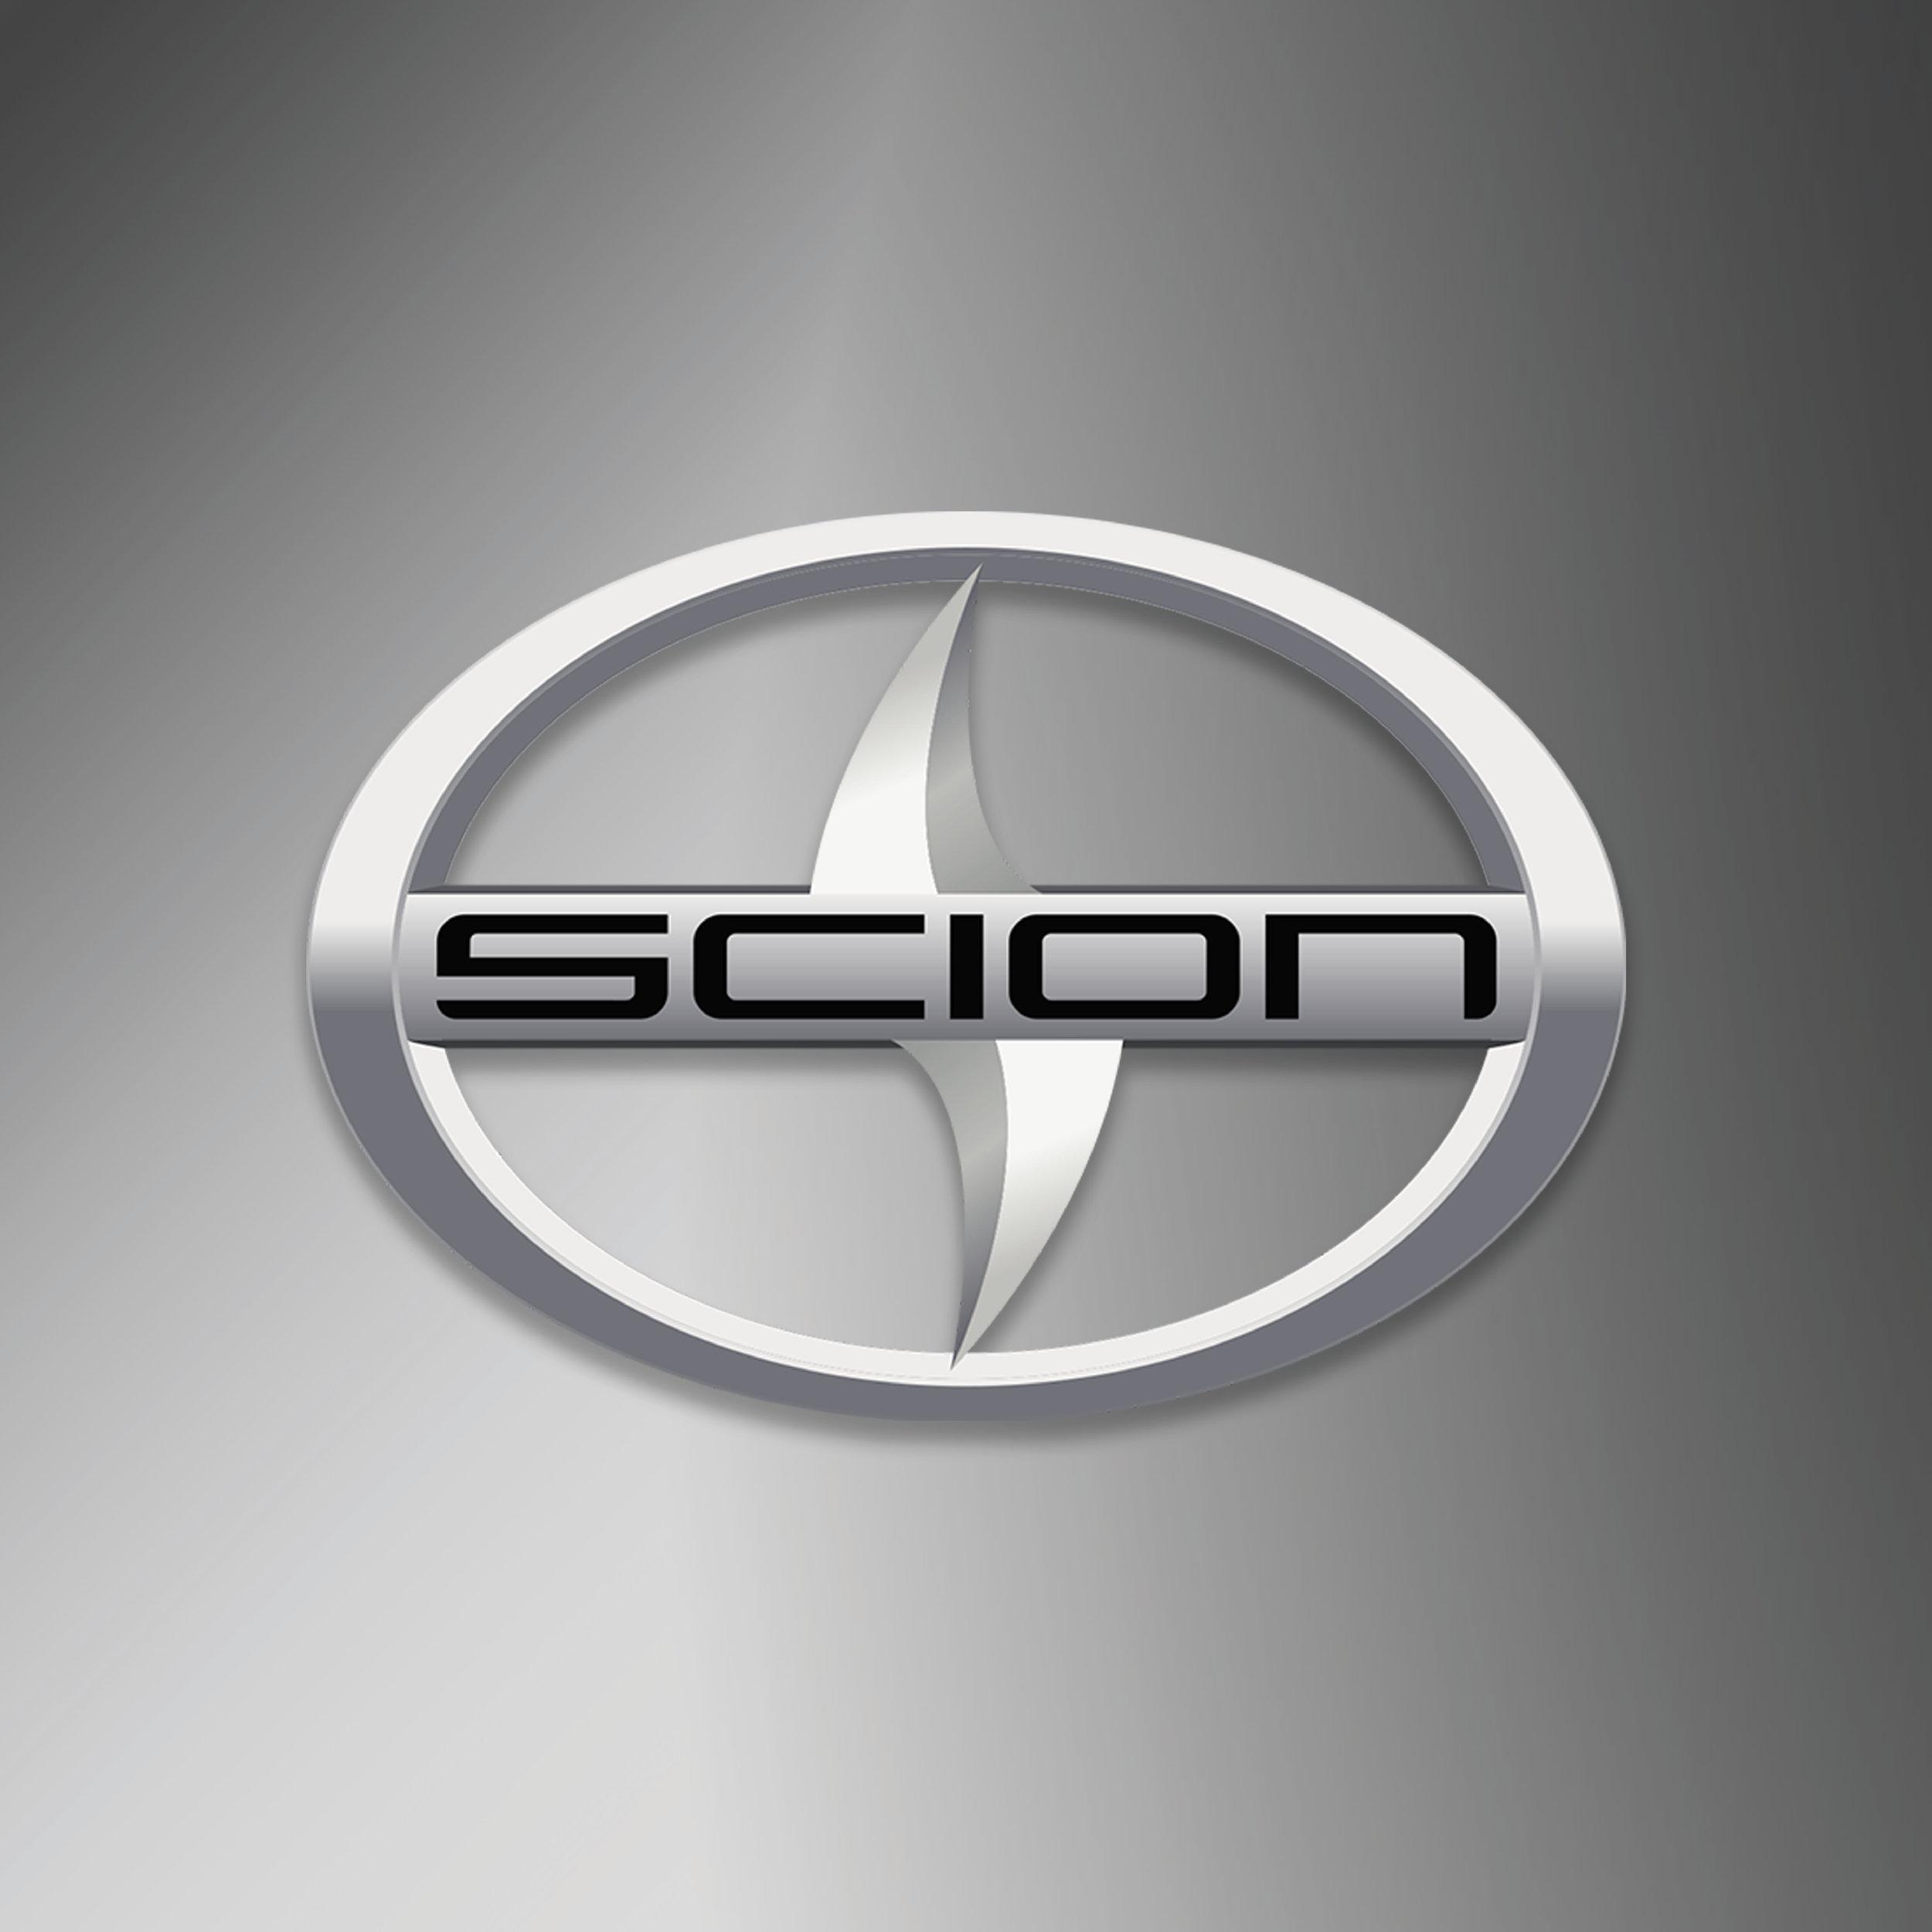 Scion (Toyota)